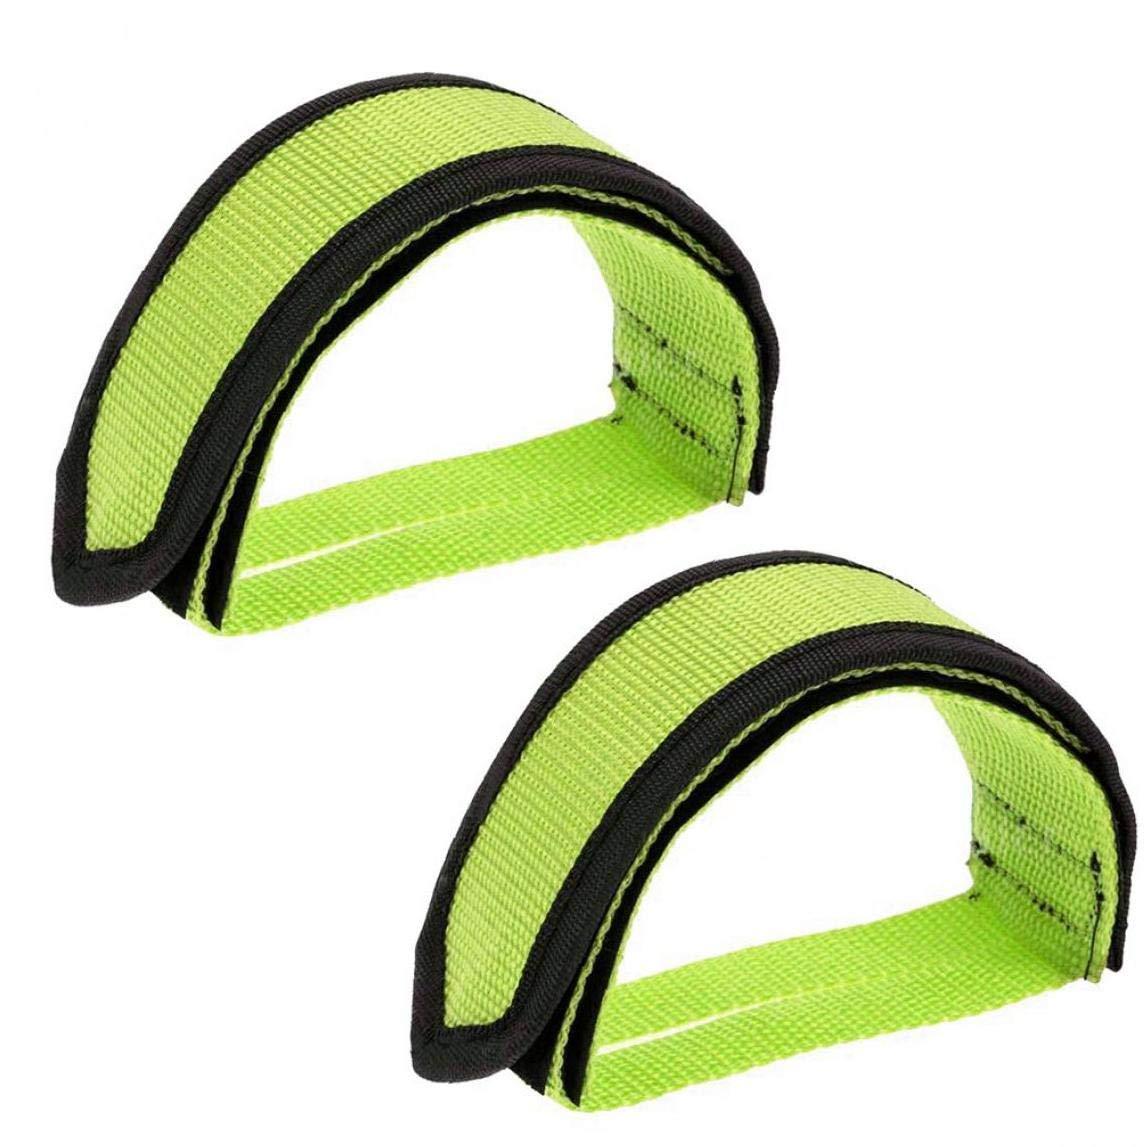 Pedal de Bicicleta Correas Anti Pedal Slip Clips de los pies Correas de Cinta Adhesiva de Deslizamiento Correas de Engranaje Fijo la Bici Verde 2pcs: Amazon.es: Deportes y aire libre